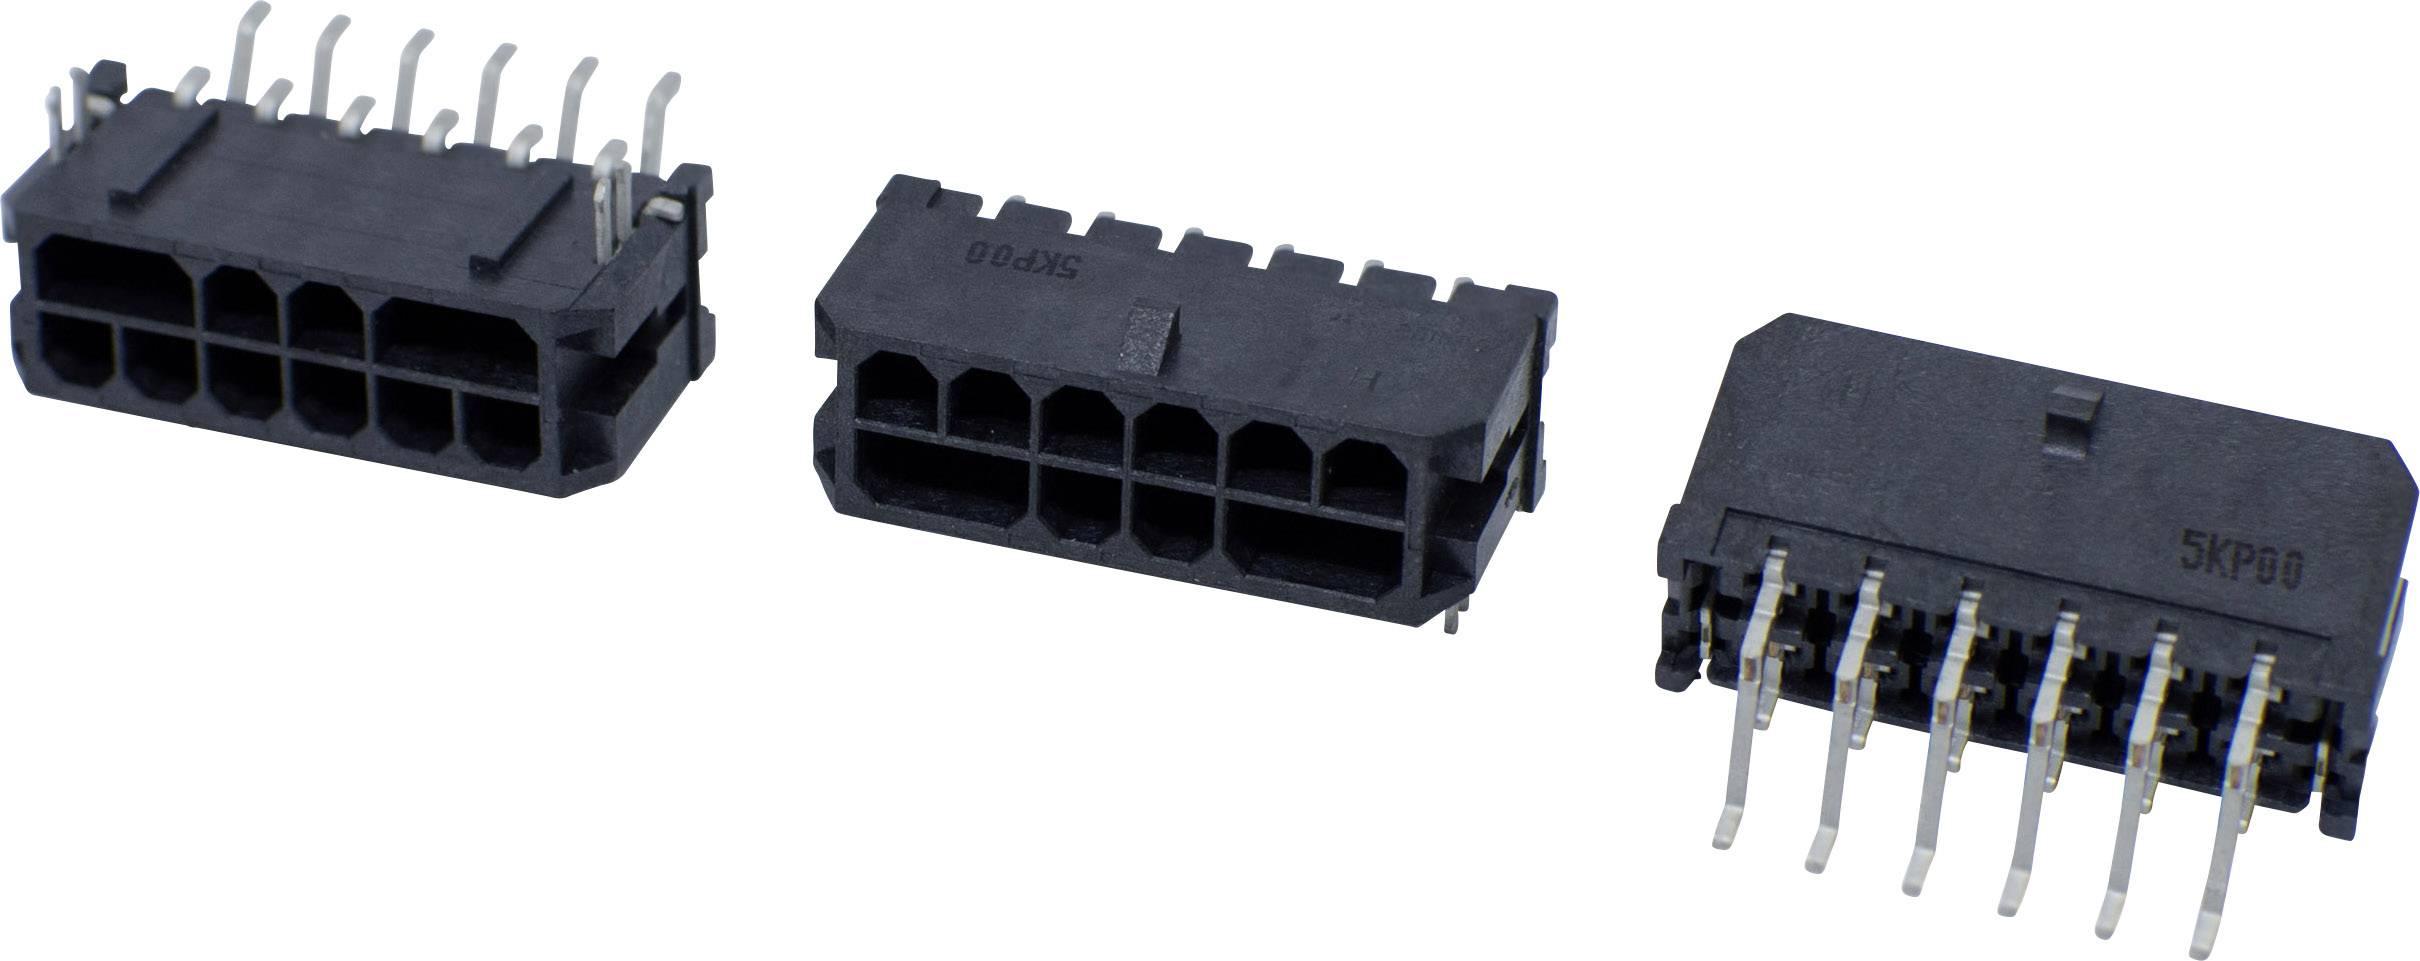 Pinová lišta (štandardná) BellWether 70096-0608, pólů 6, rozteč 3 mm, 1 ks